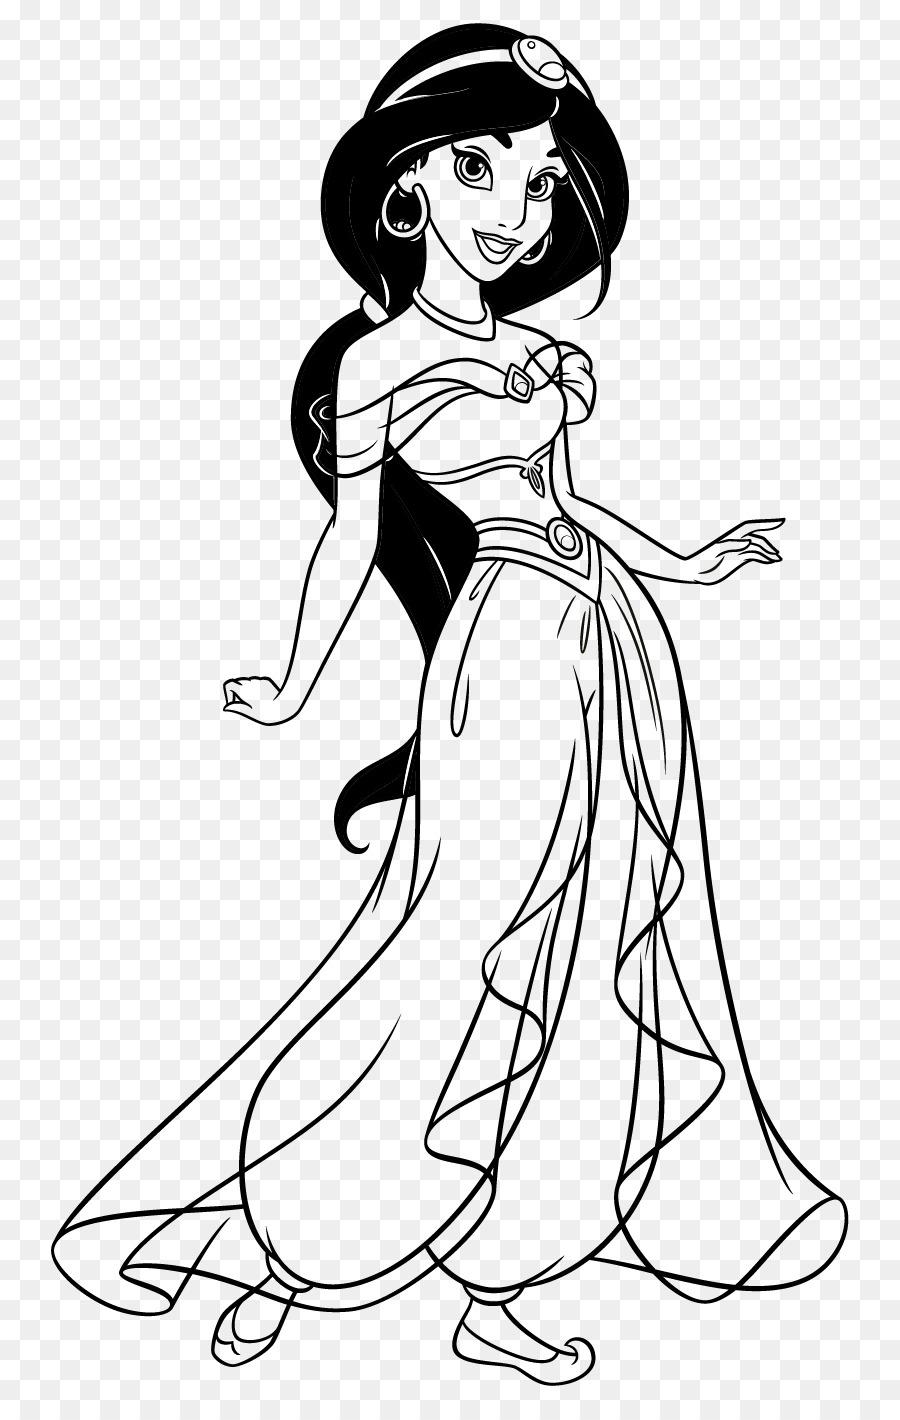 La princesa Jasmine libro para Colorear, Dibujo de Princesa de ...